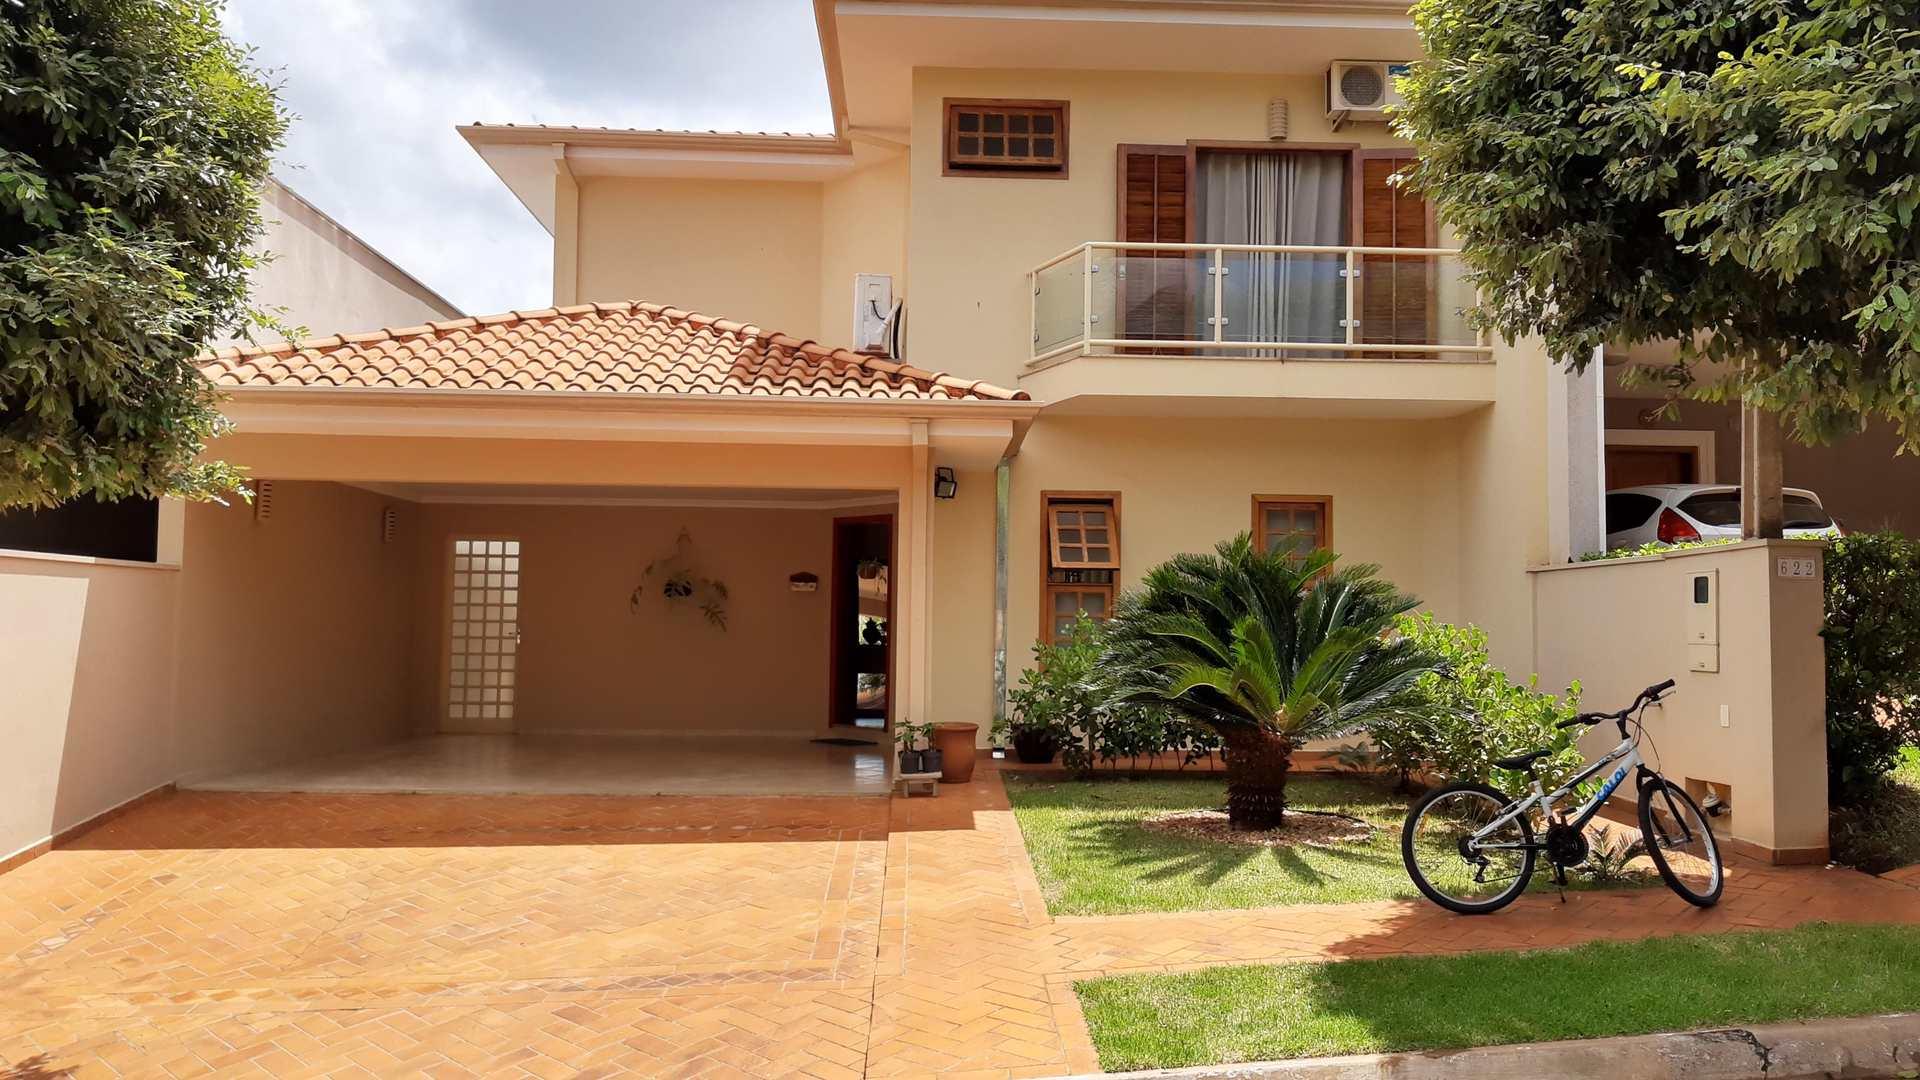 Casa de Condomínio com 4 dorms, Bonfim Paulista, Bonfim Paulista - R$ 795 mil, Cod: 1722607